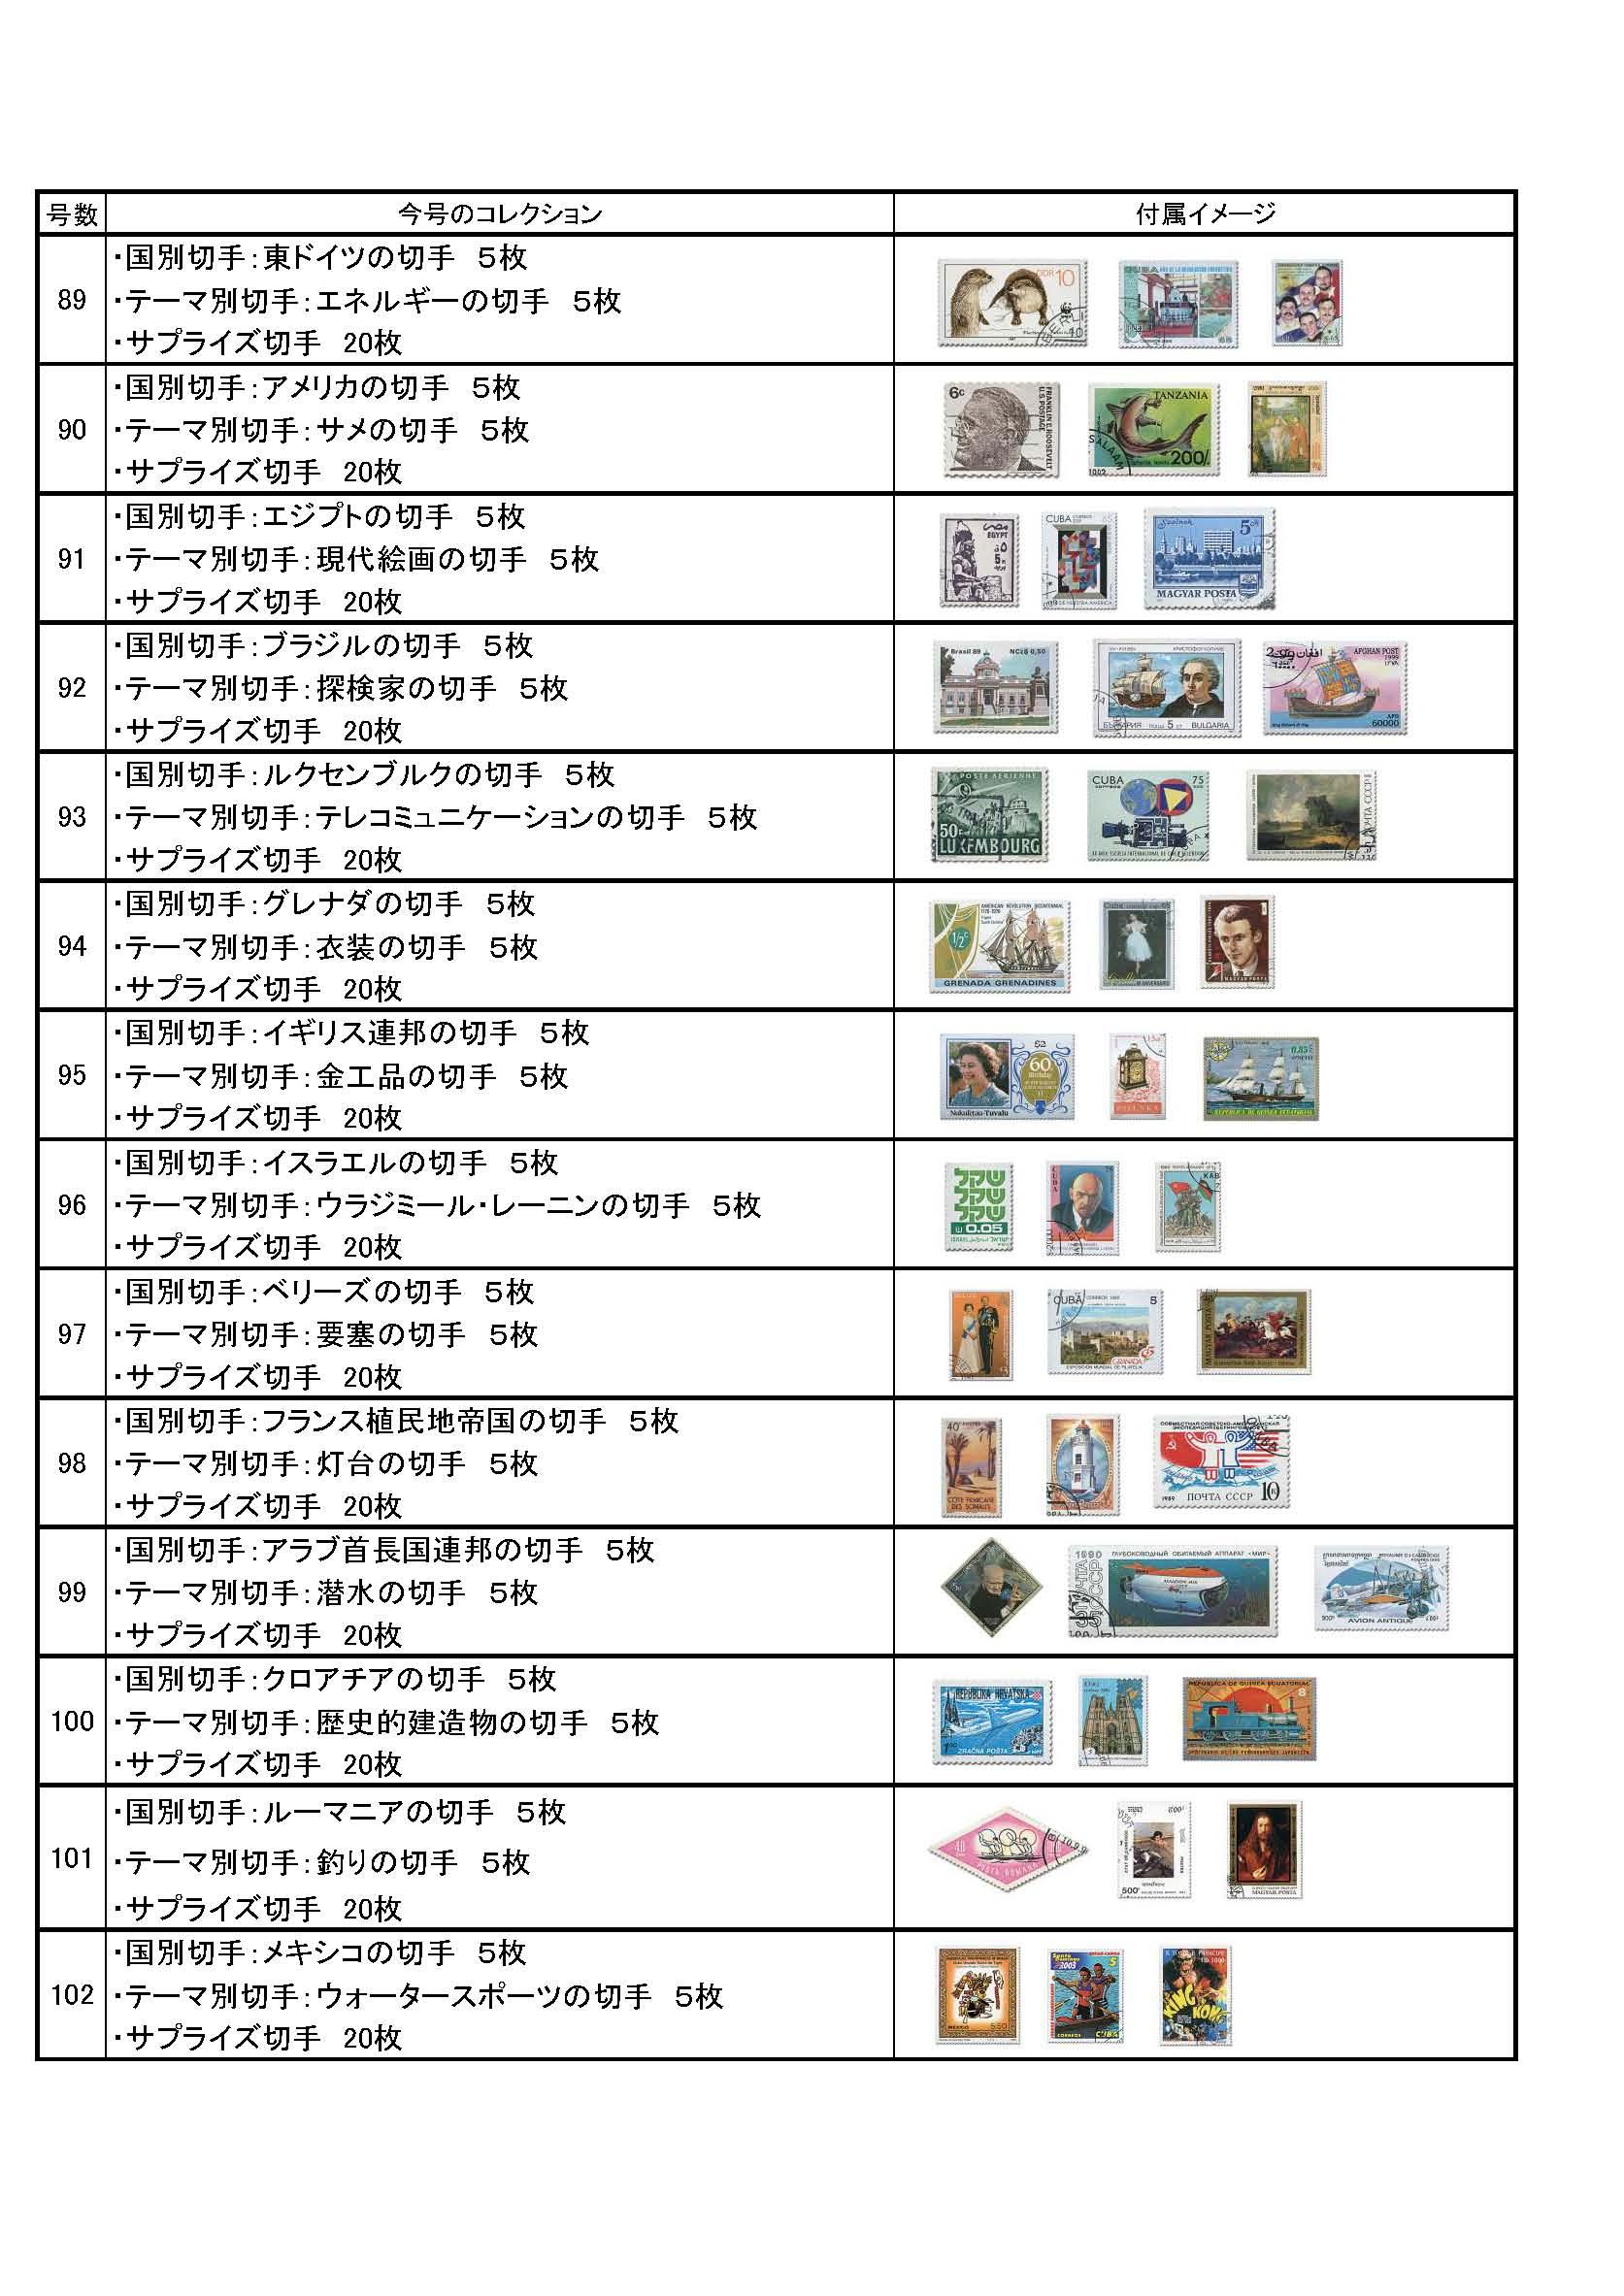 付属切手ラインナップ20170306_ページ_08.jpg